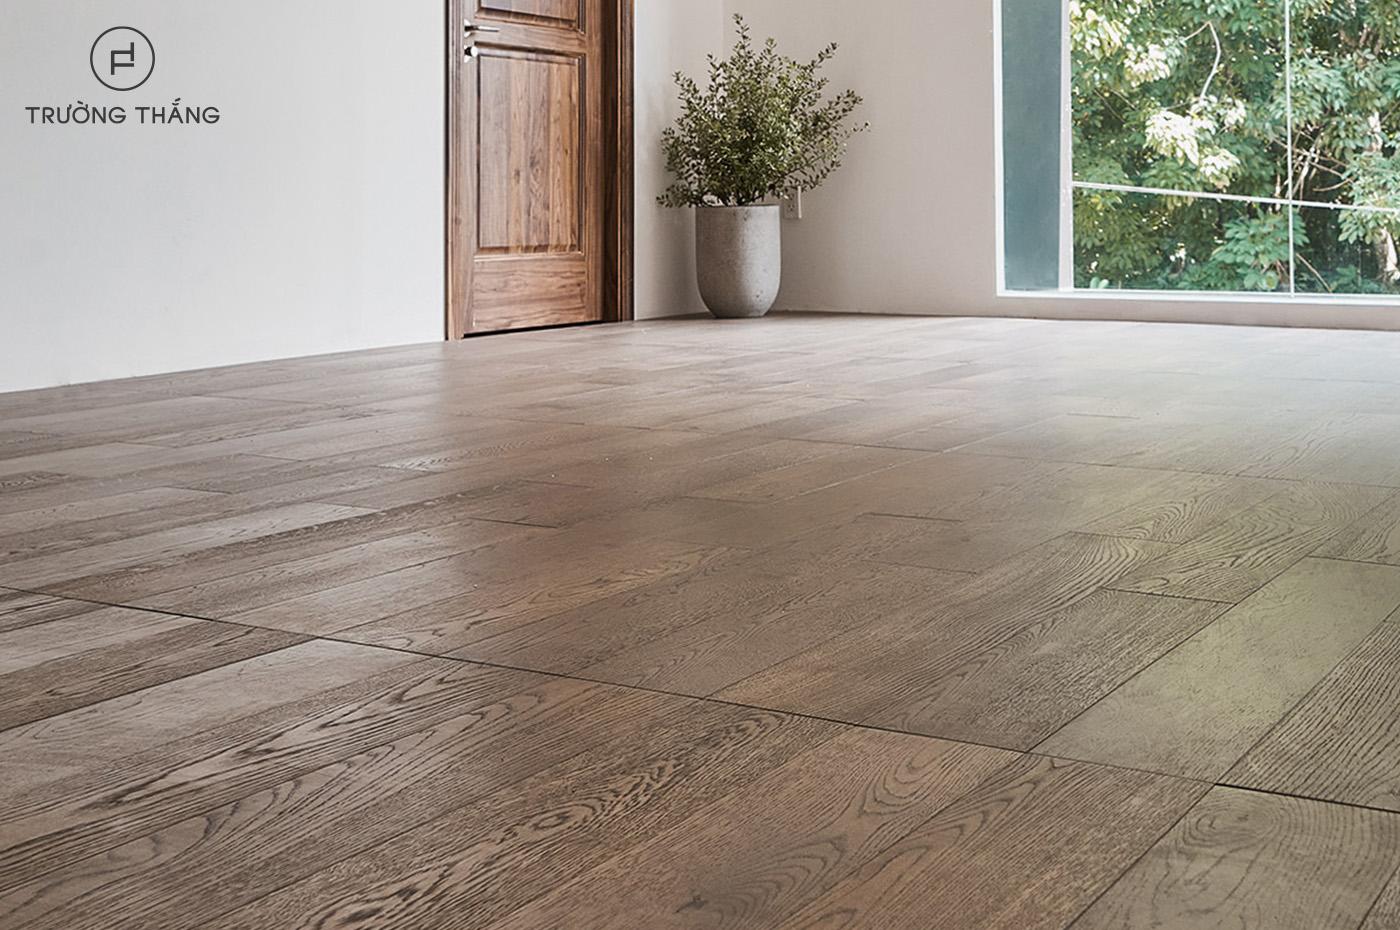 Sàn gỗ thiết kế riêng